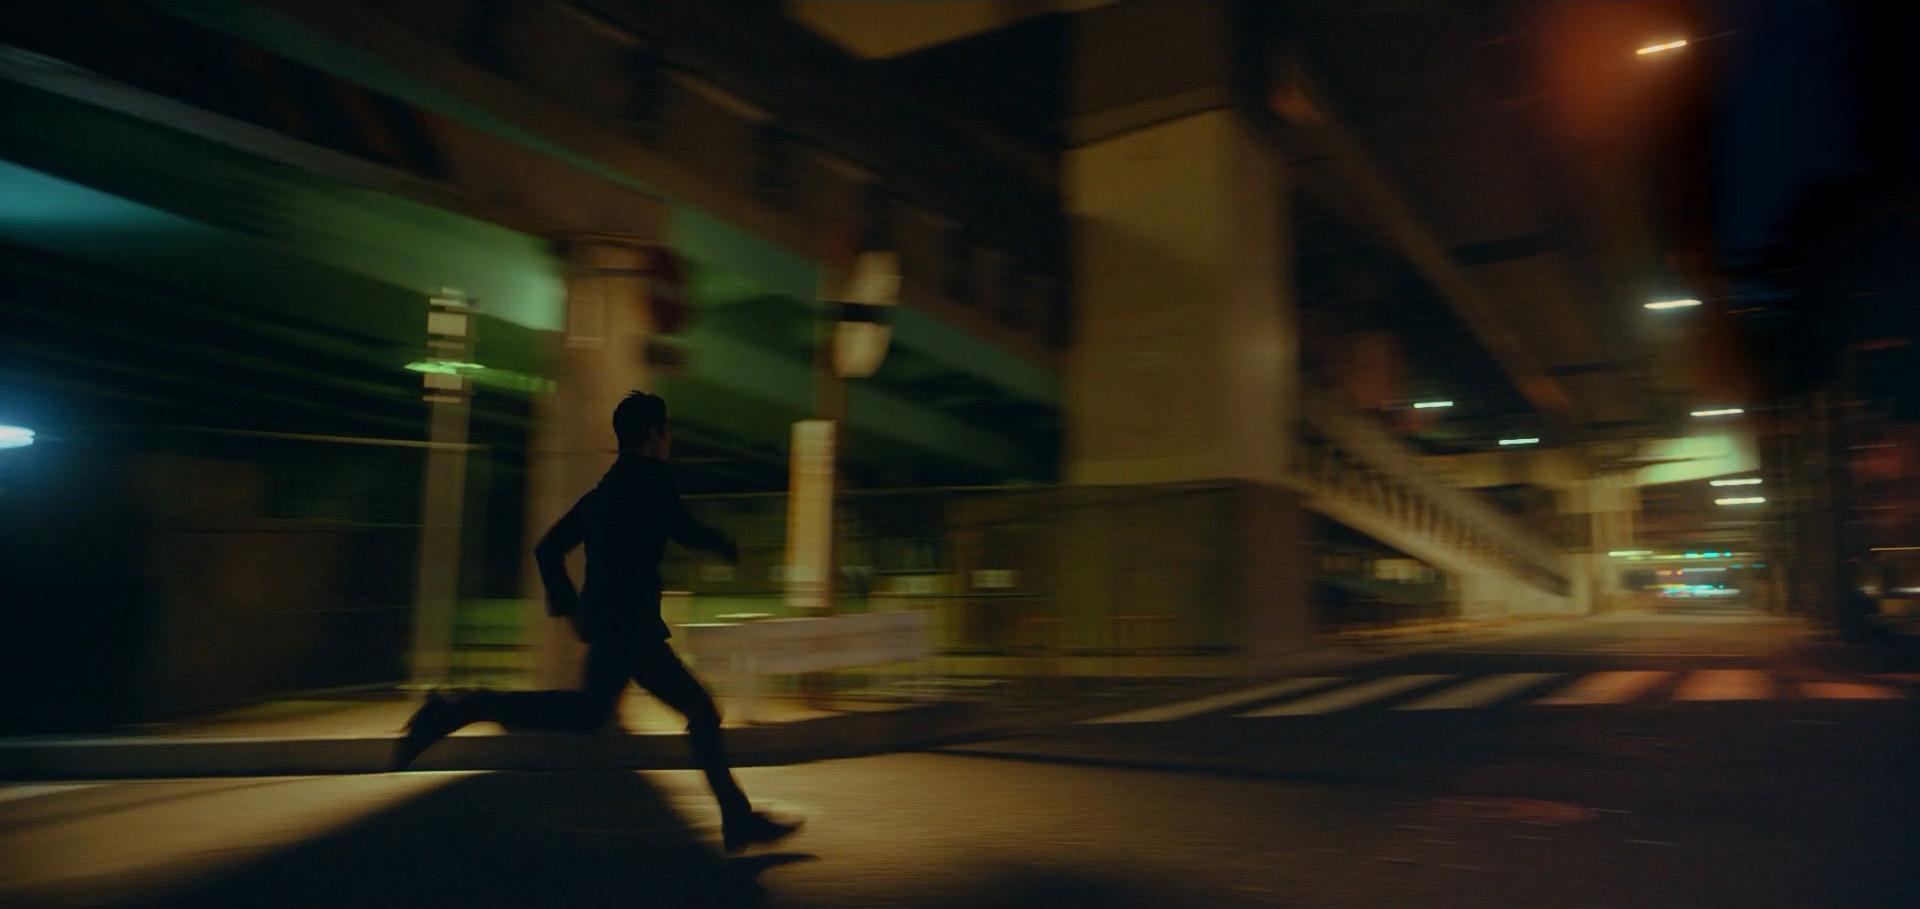 032 - Audi - Runner-0101